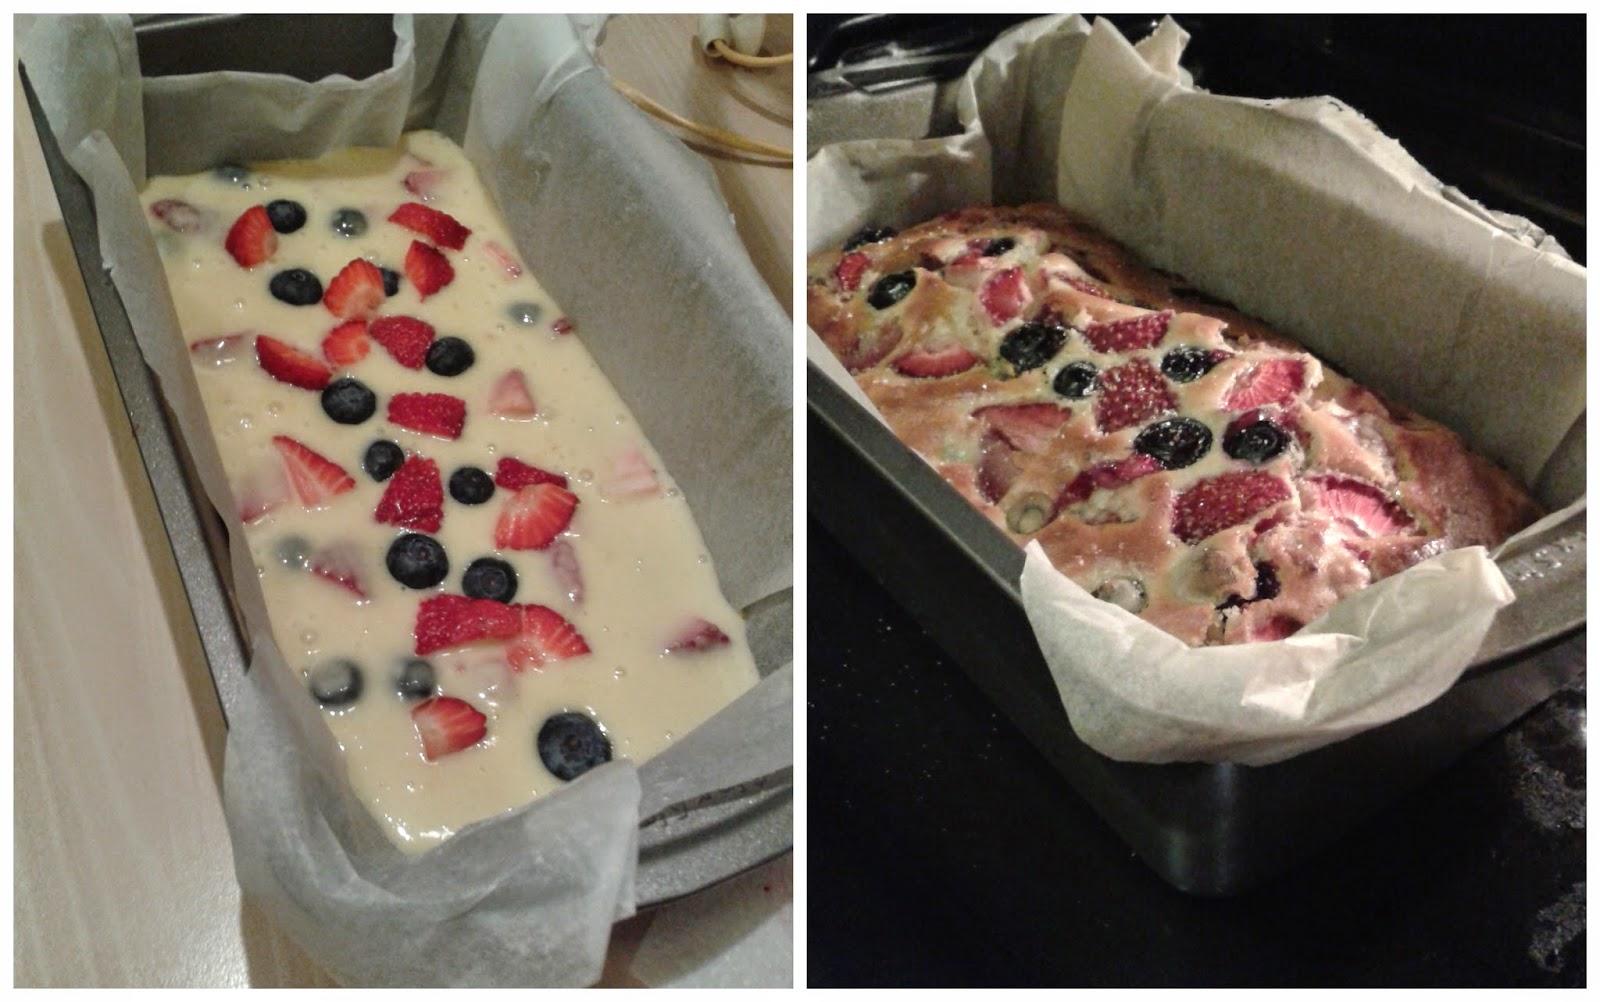 American pie dintorni dalla mia cucina ieri e oggi - Appunti dalla mia cucina ...